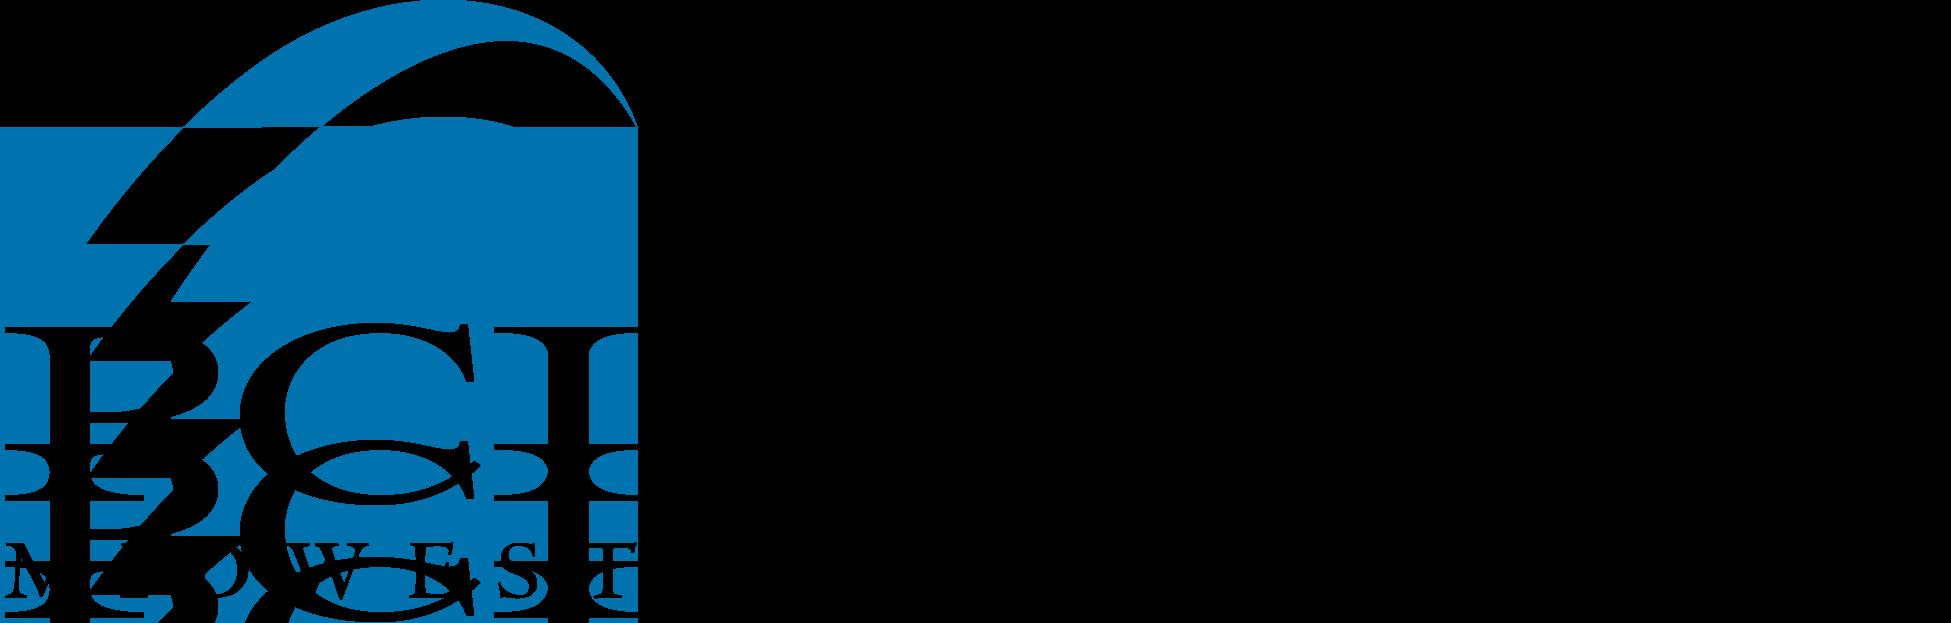 PCIMW_Logo_3015_H.png